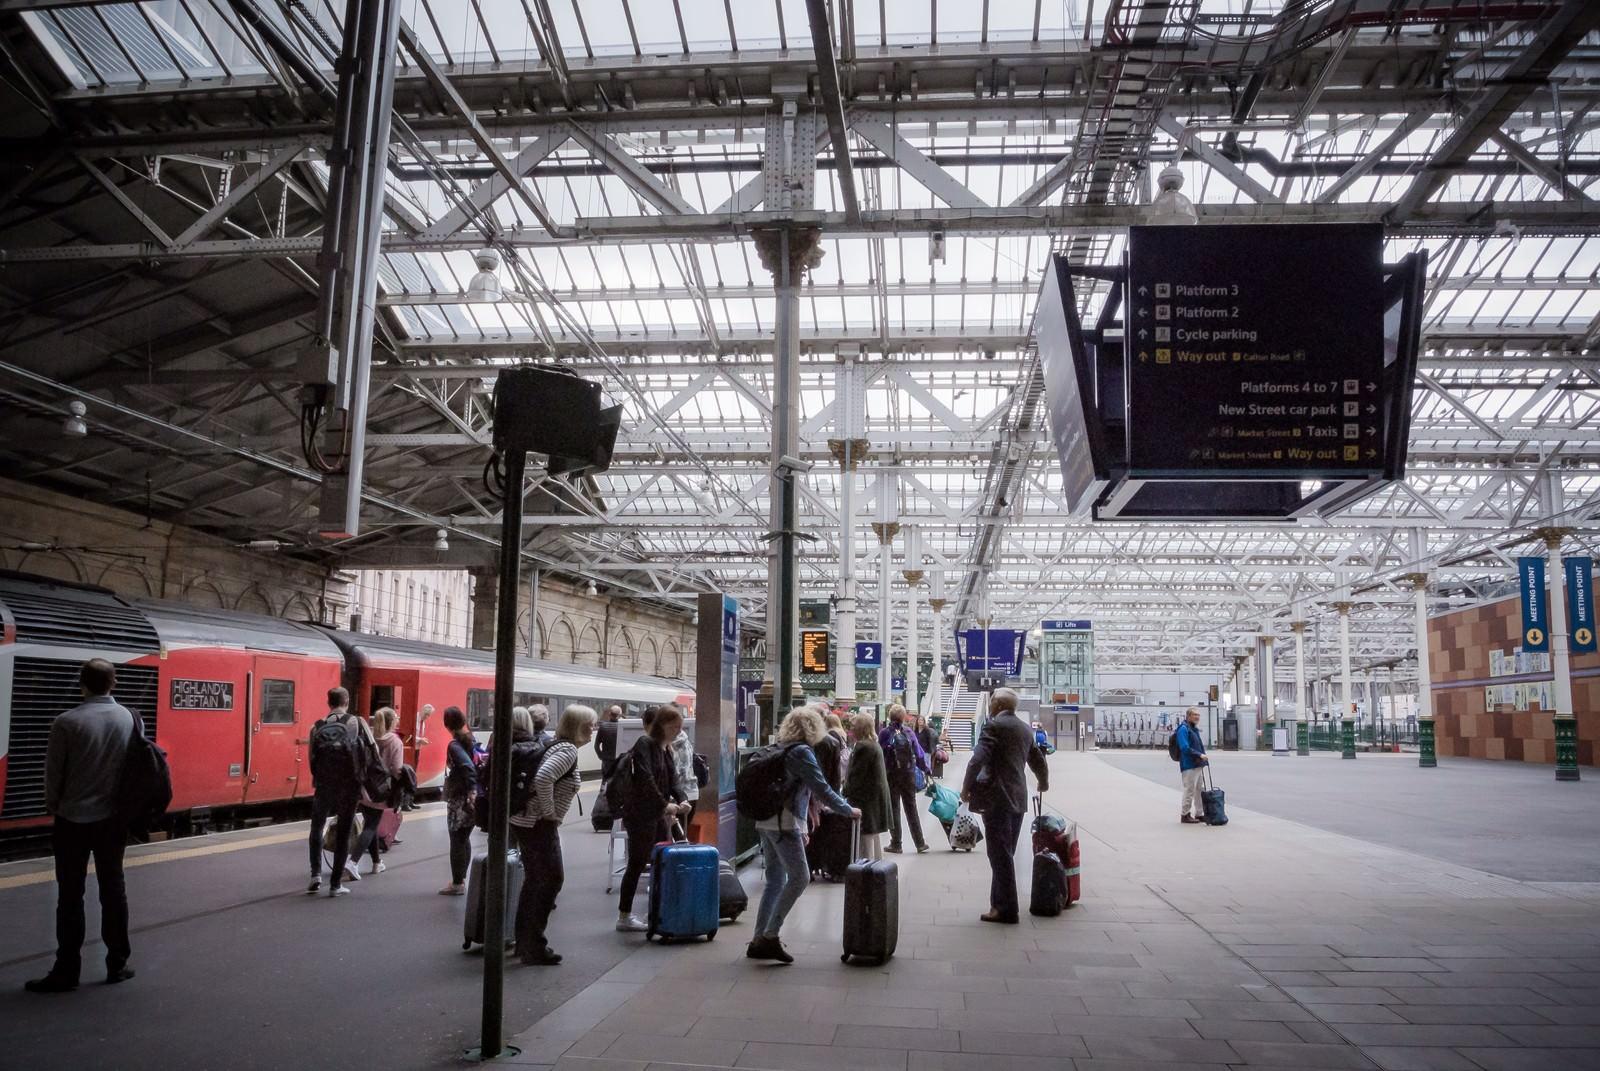 「エディンバラ駅」の写真